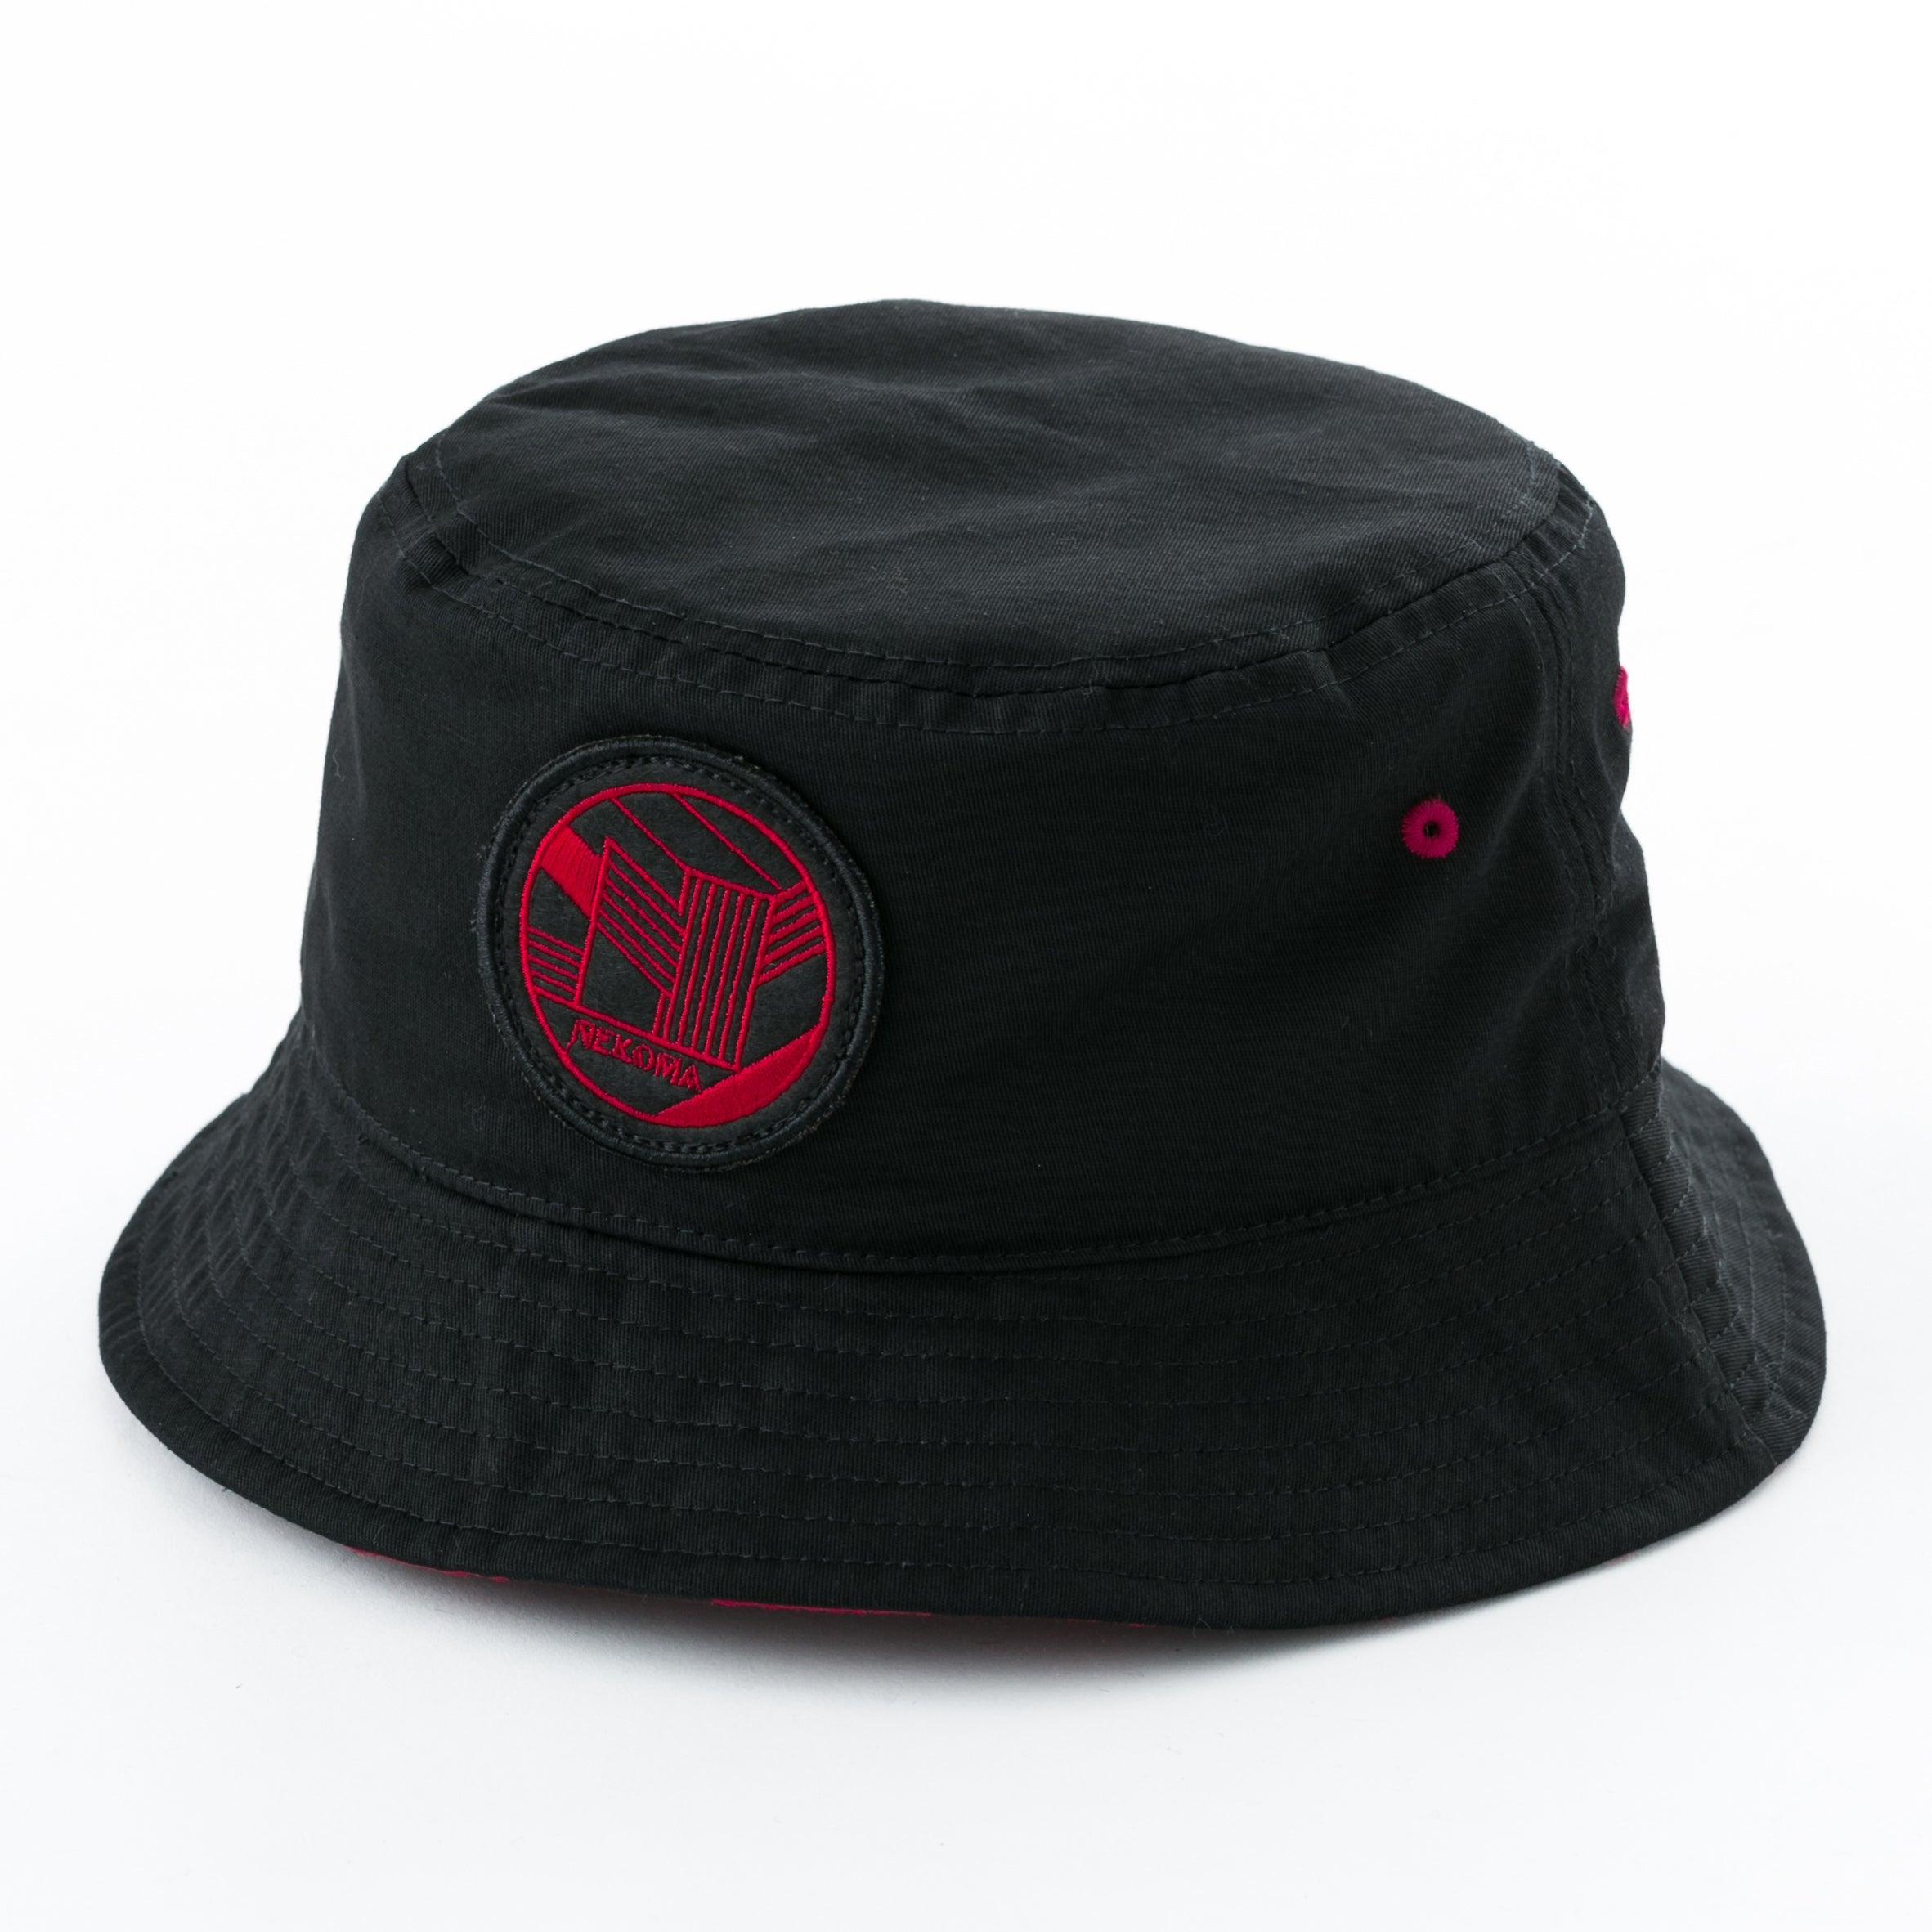 音駒高校 モデル 帽子